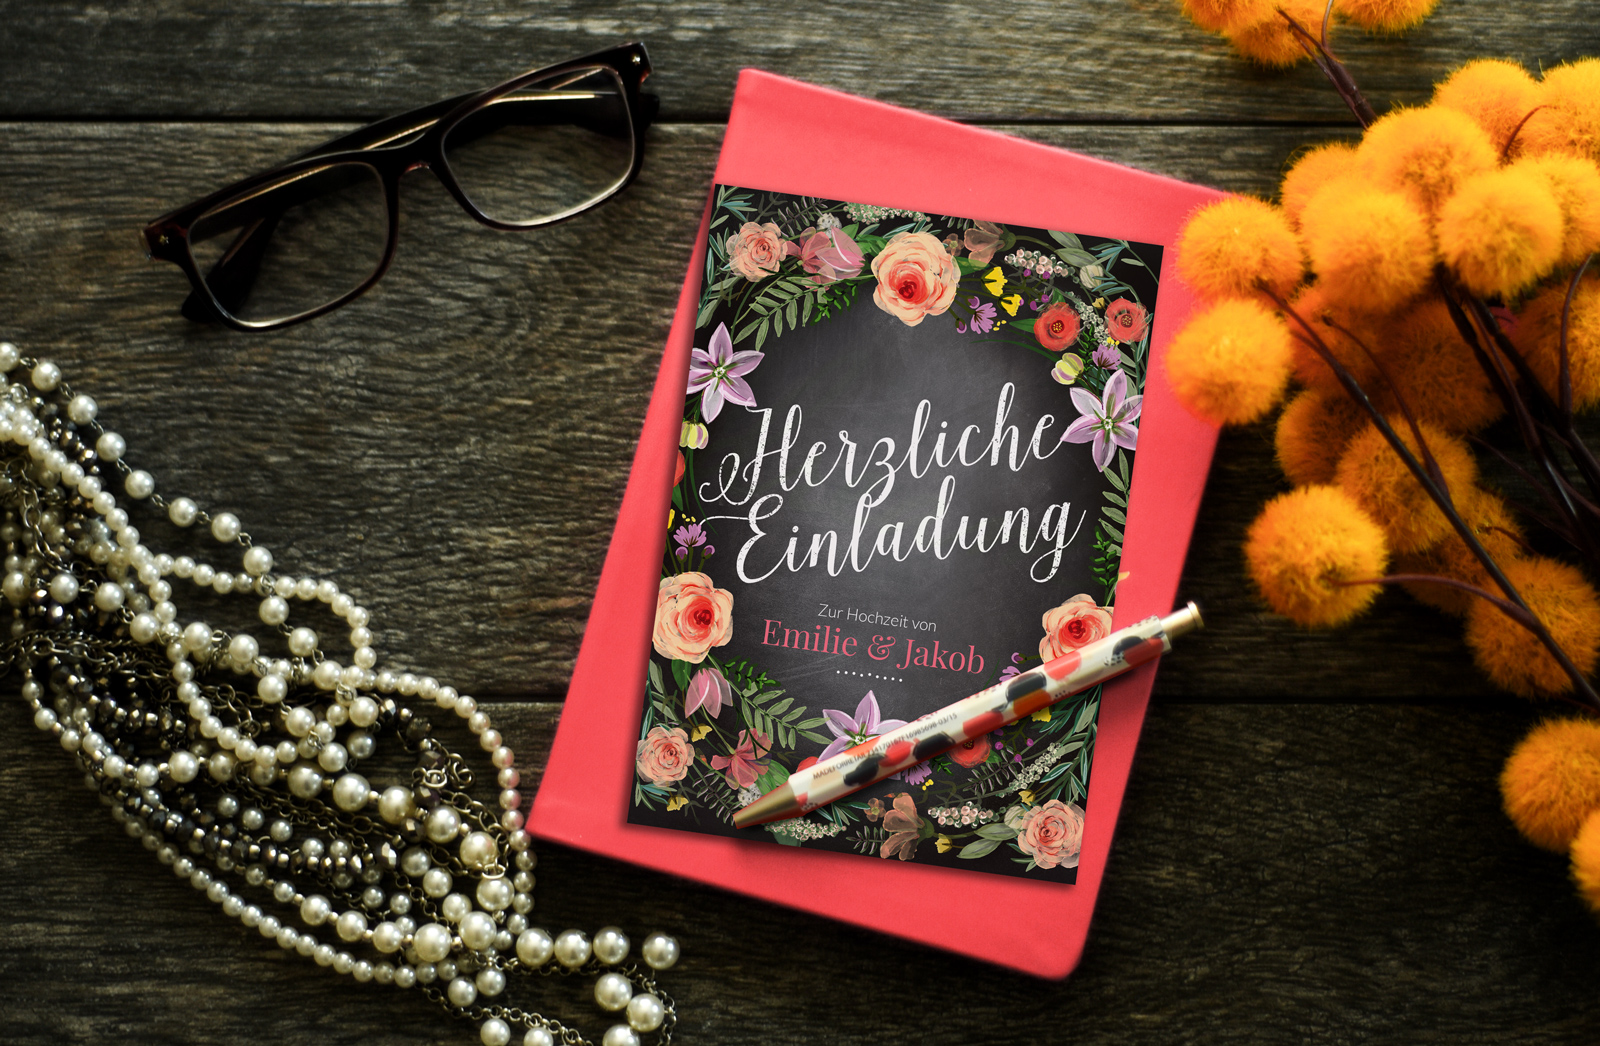 7 Flora Einladung Hochzeitskartendesign EInladung Hochzeit Blumen Kranz